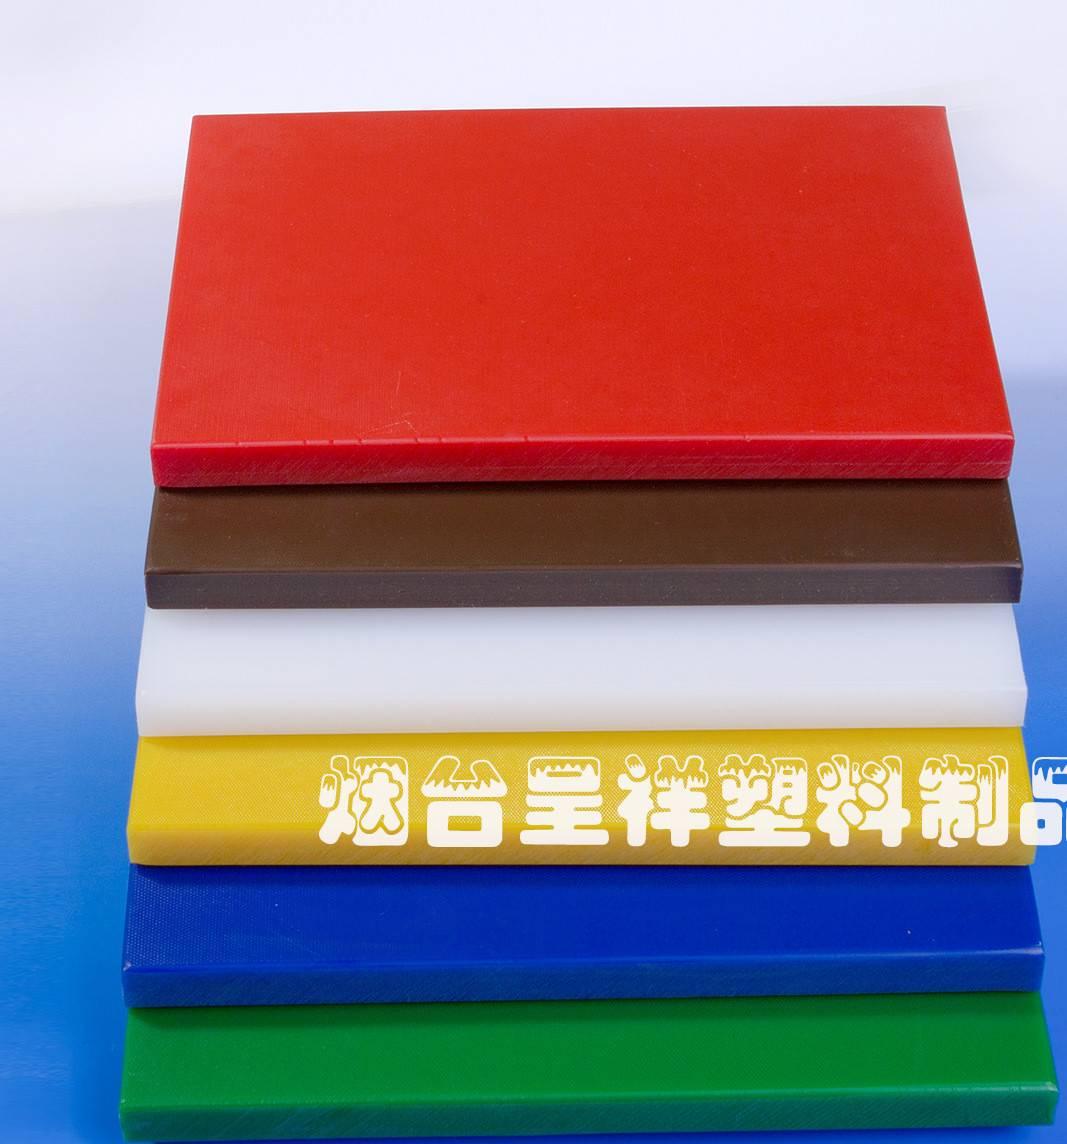 厂家直供 塑料砧板、切果板、切菜板、方便清洗防腐安全无毒